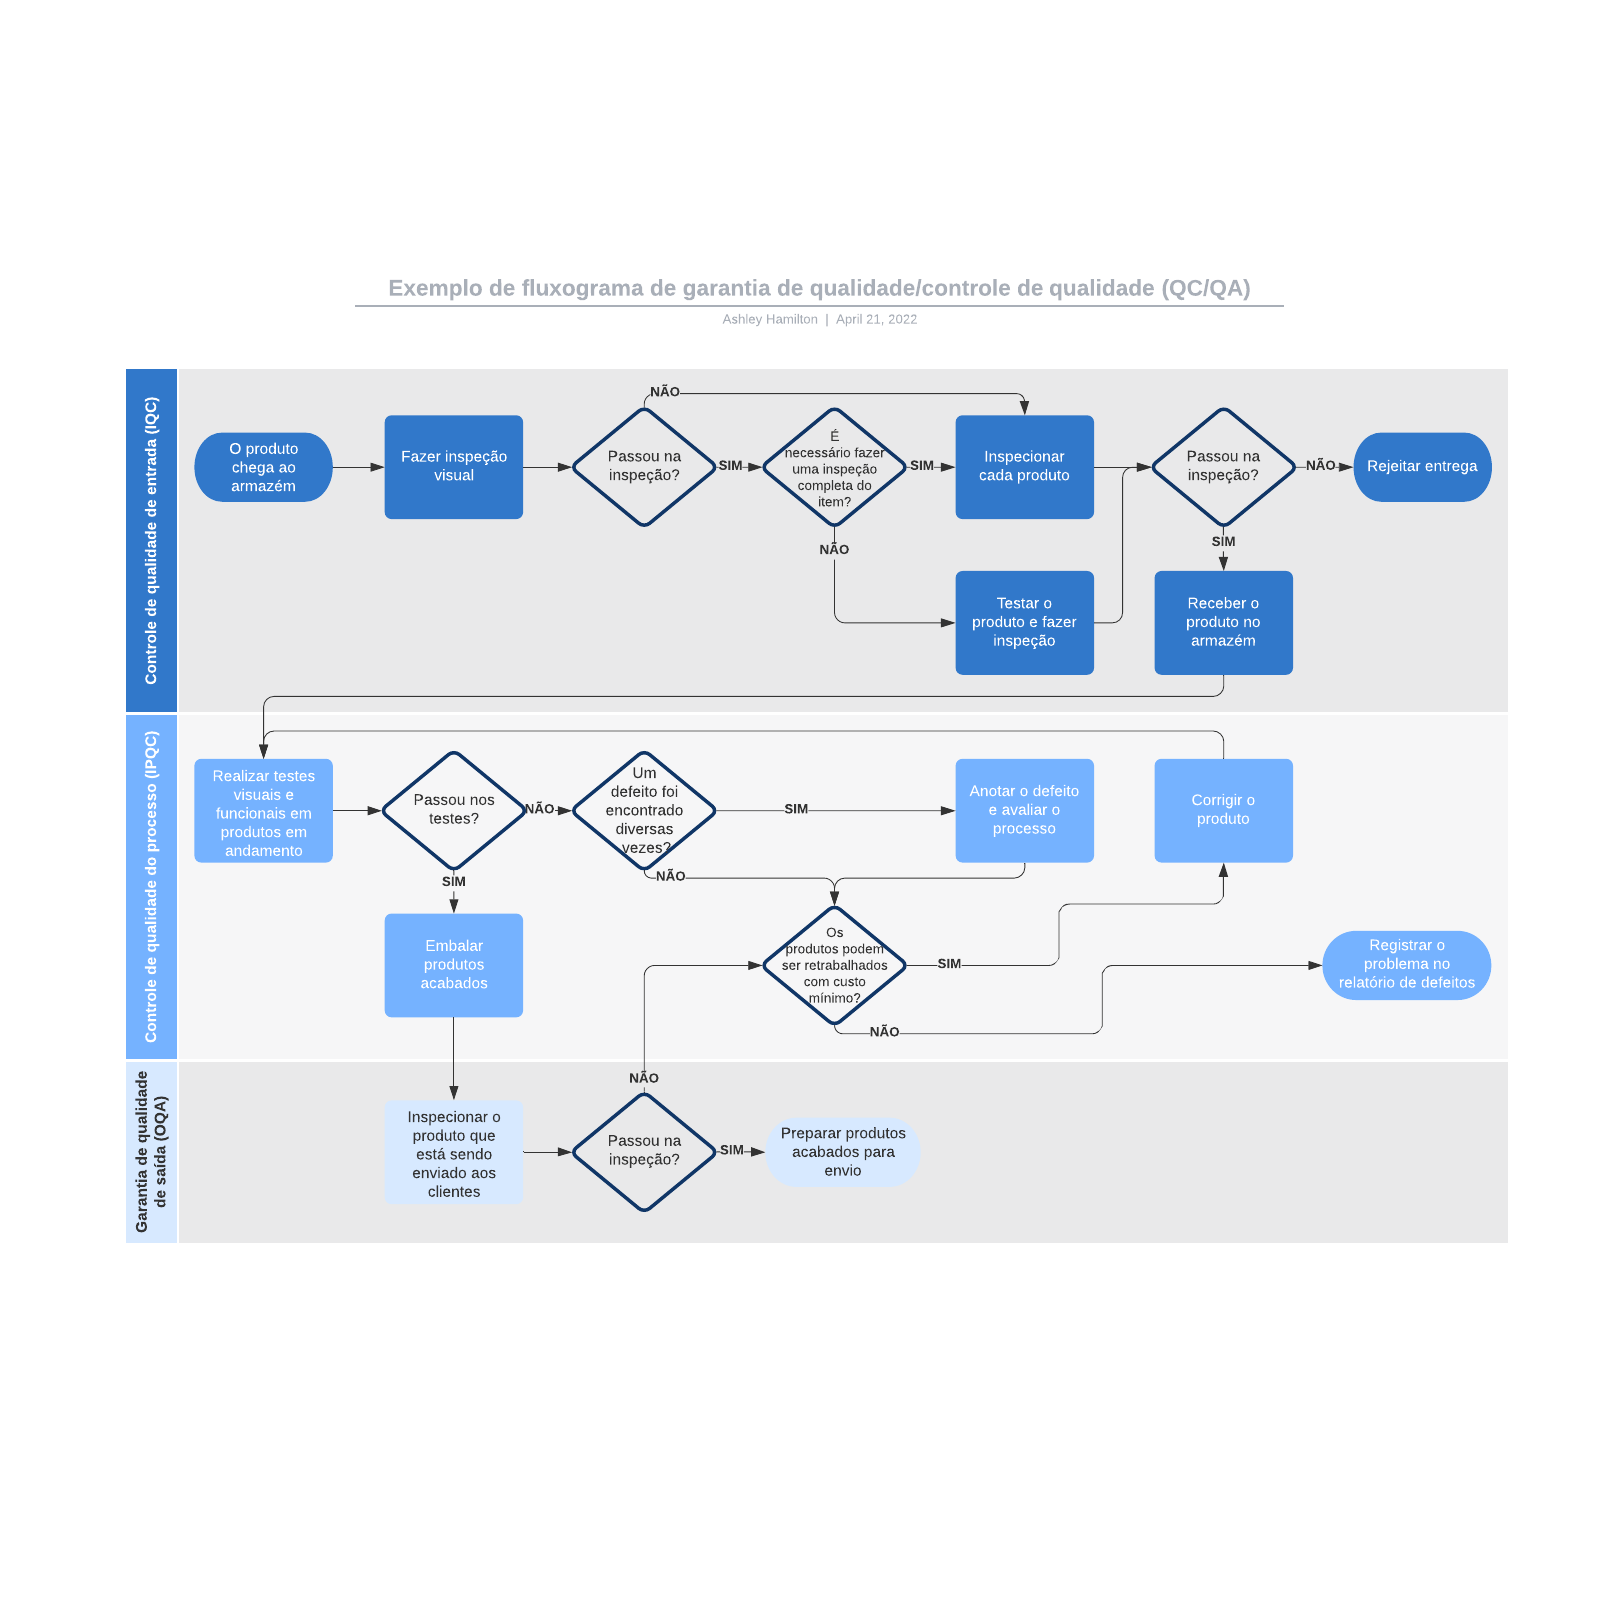 Exemplo de fluxograma de garantia de qualidade/controle de qualidade (QC/QA)